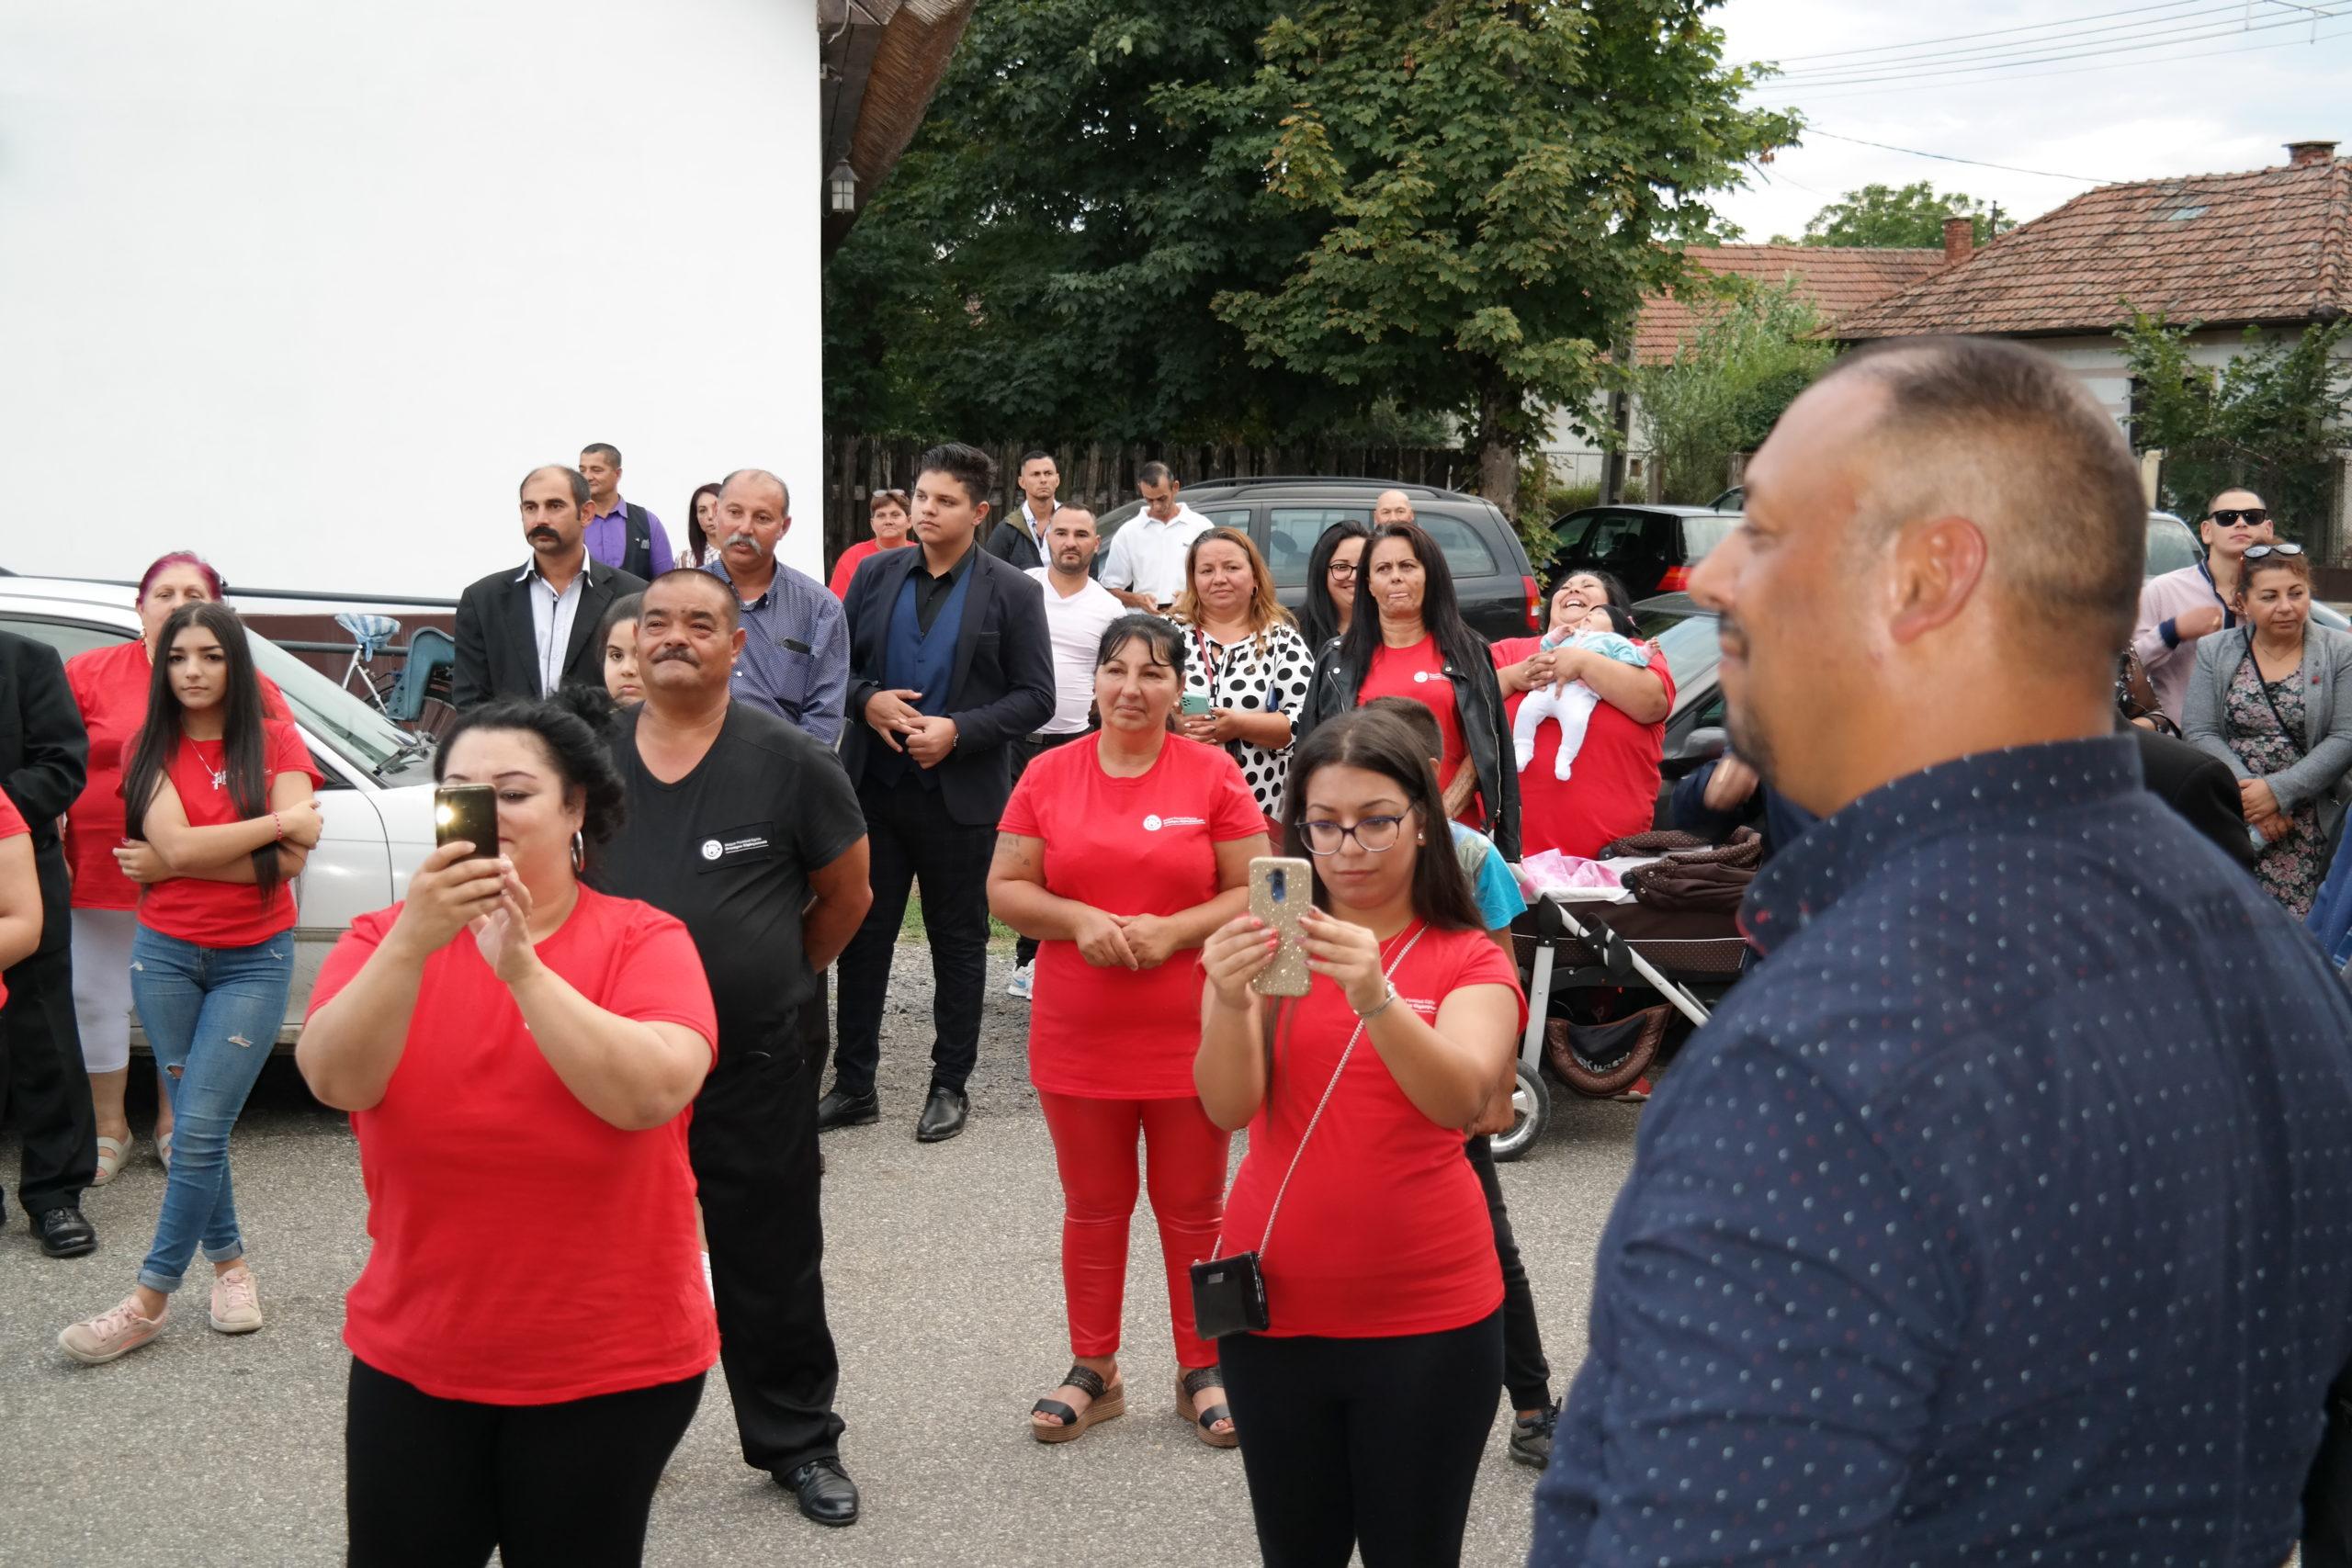 Ünnepélyes megnyitó keretében átadásra került a Reményhír Közösségi Ház 11